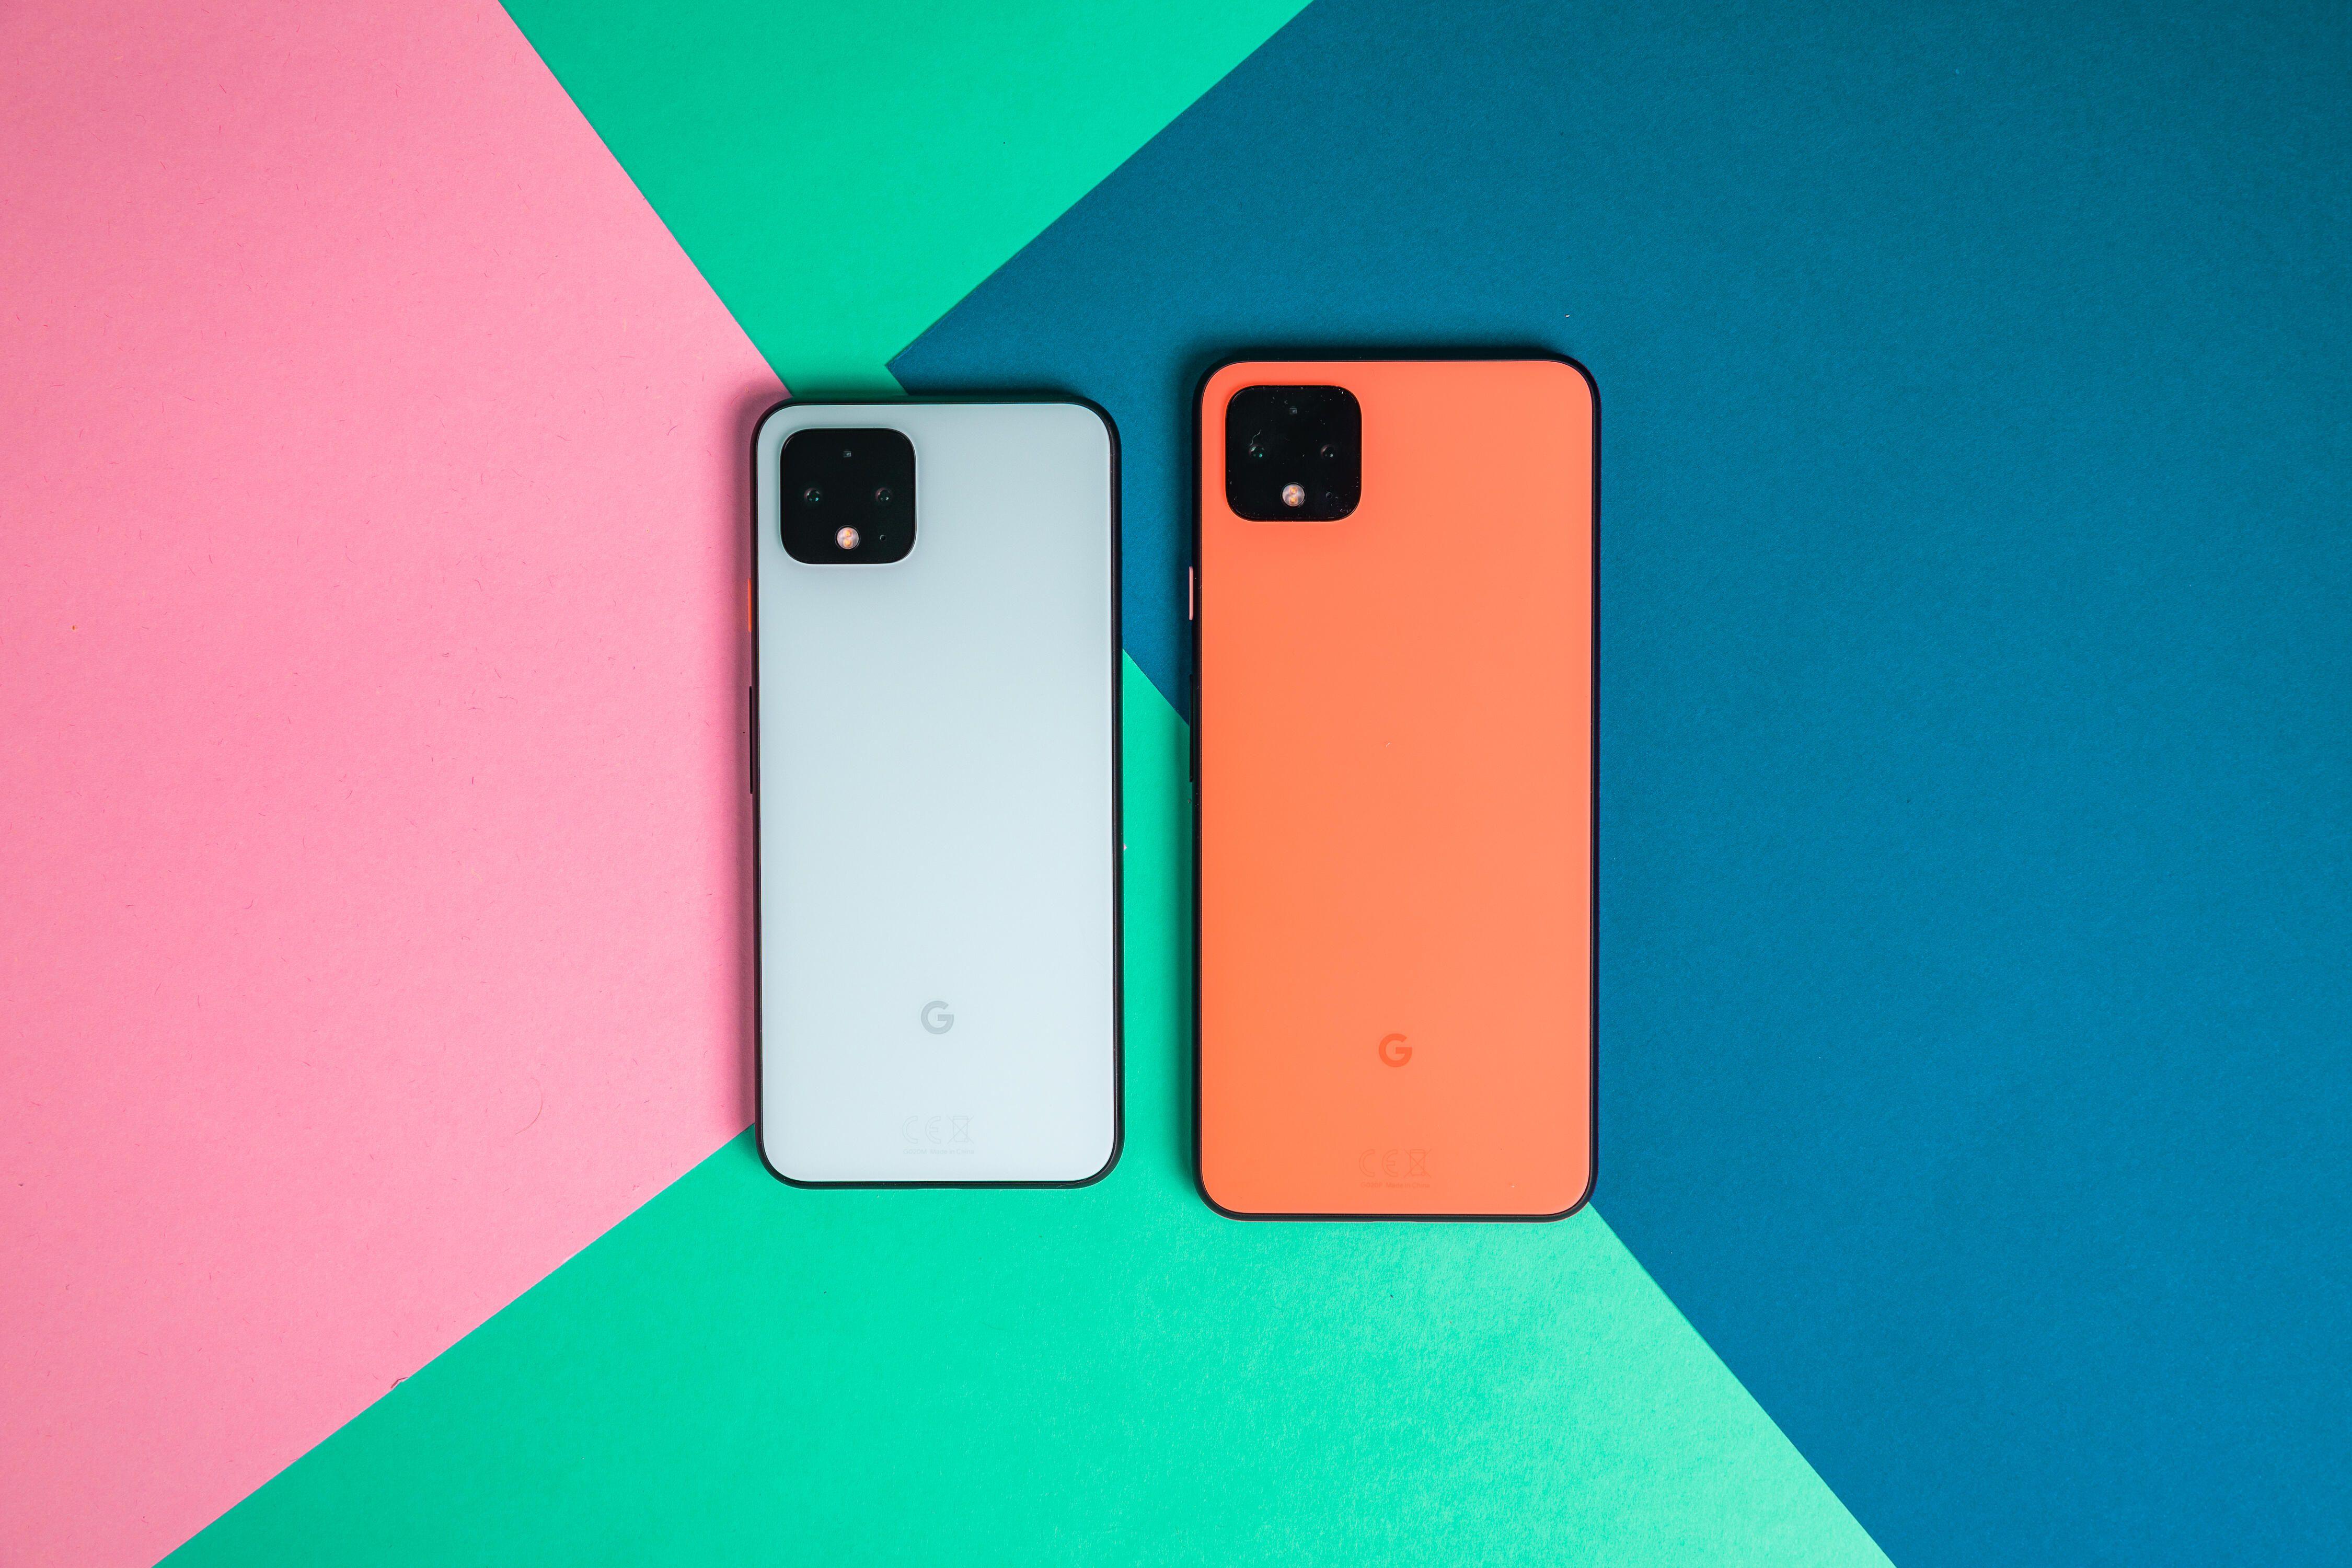 hoyle-promo-iphone-11-pro-google-pixel-4-xl-3